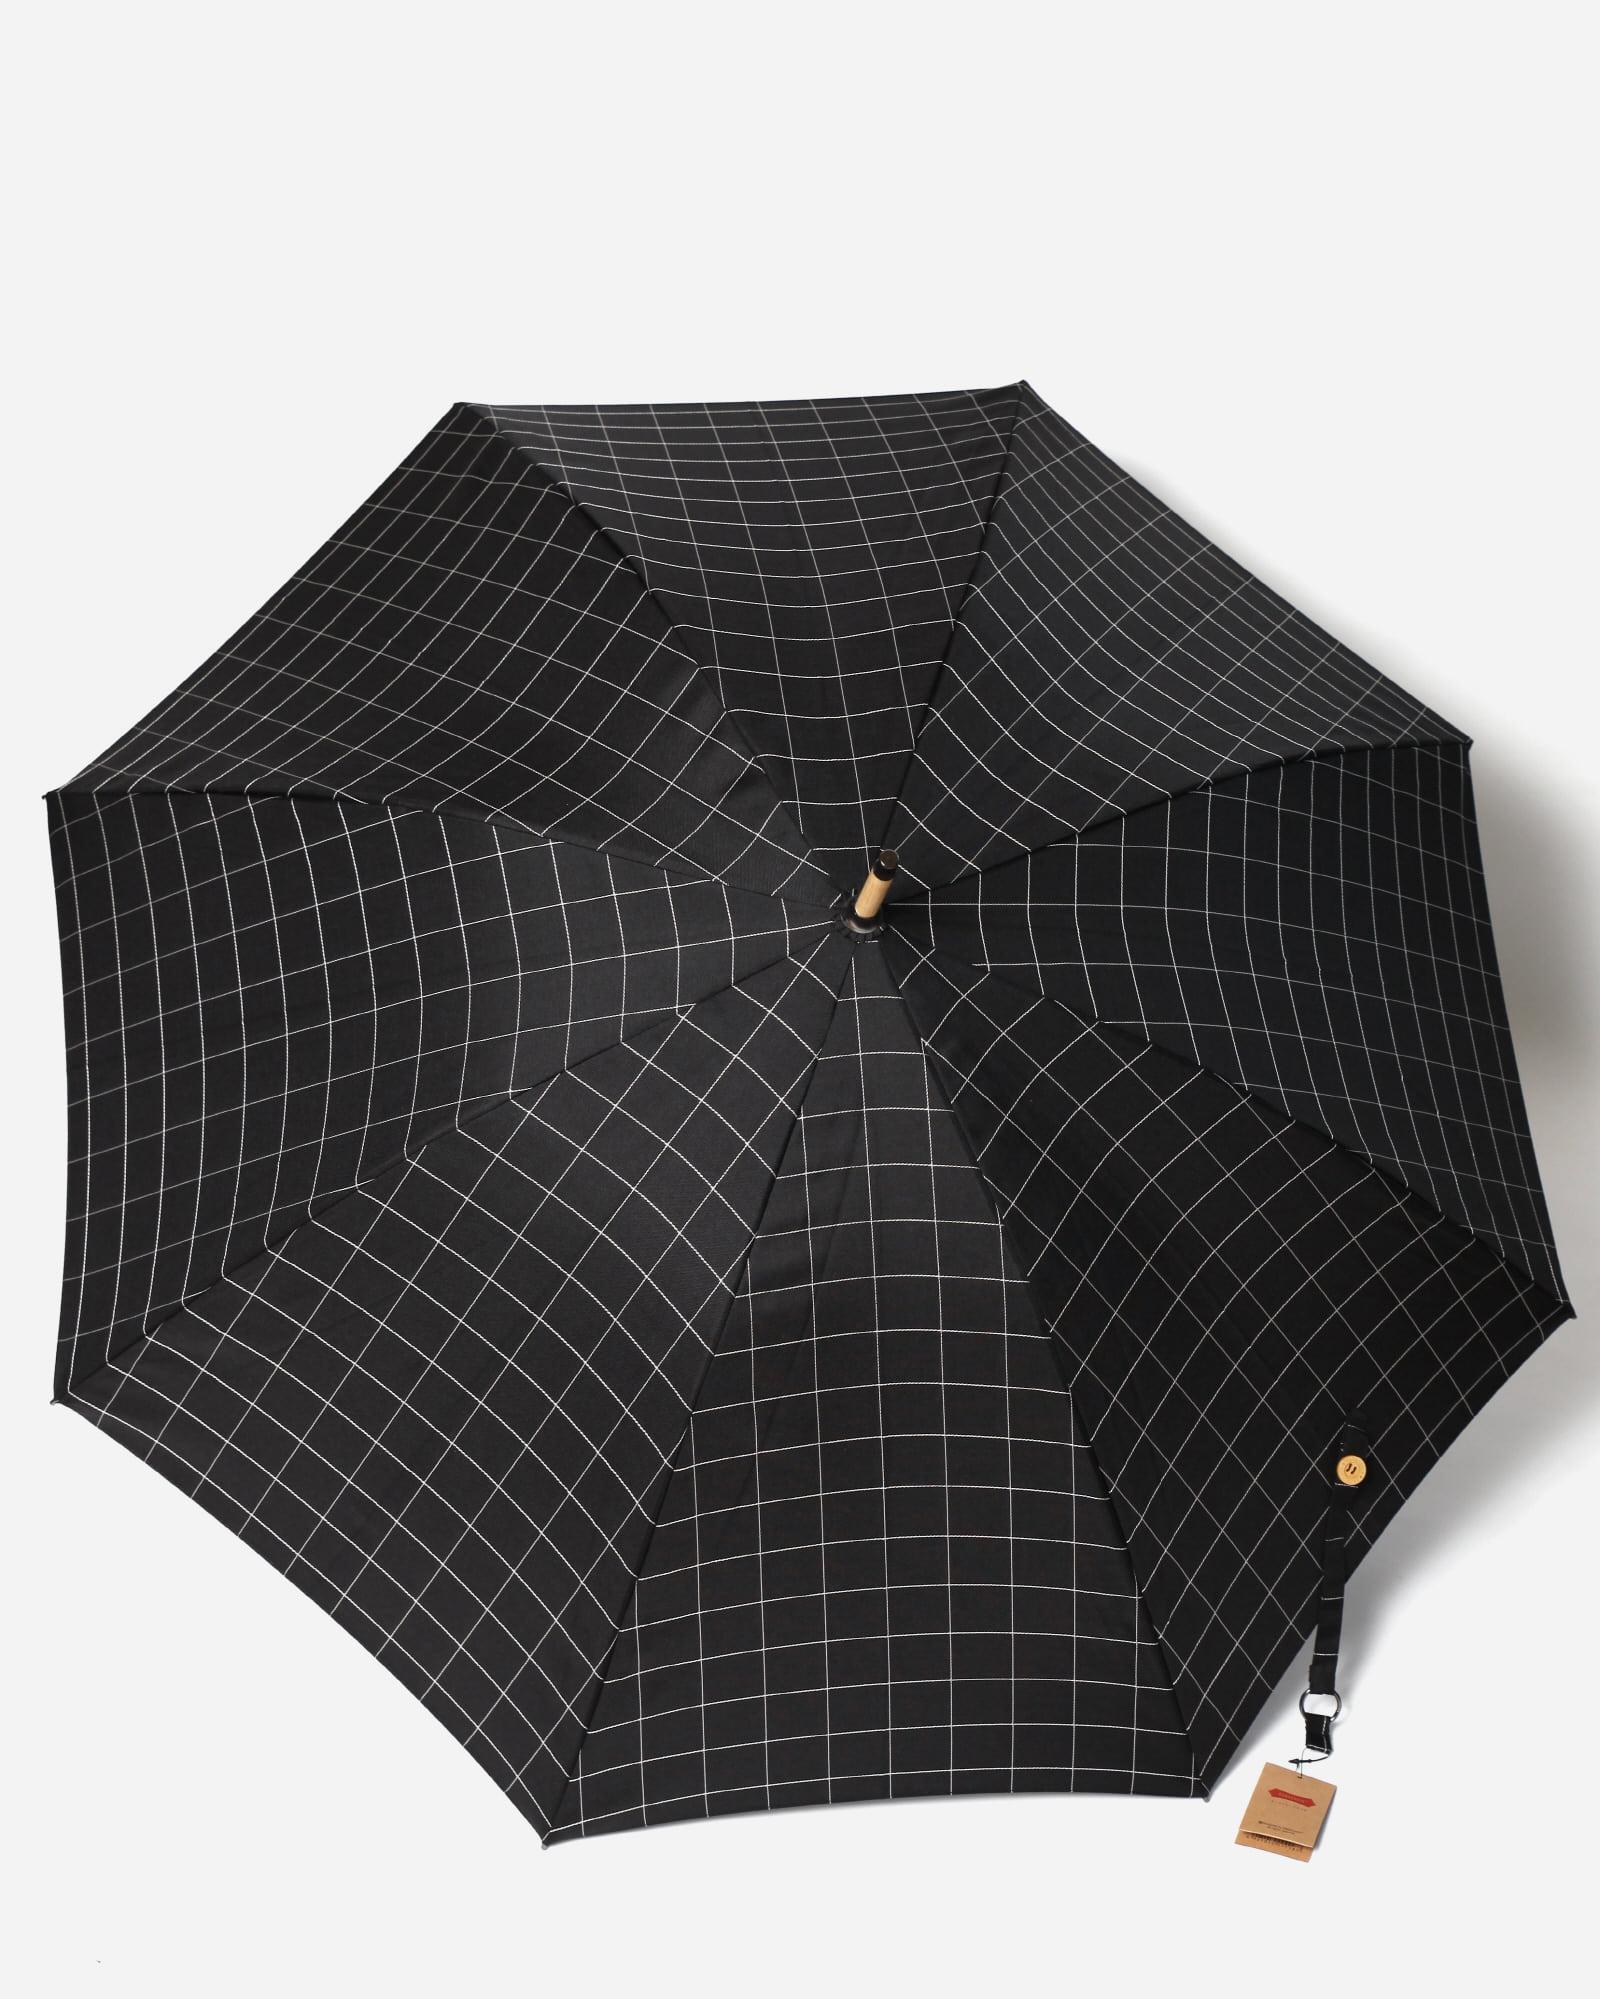 파라체이스(PARACHASE) 1118 포플러우드 그립 샤프체크 소프트 슬라이딩 수동 장우산